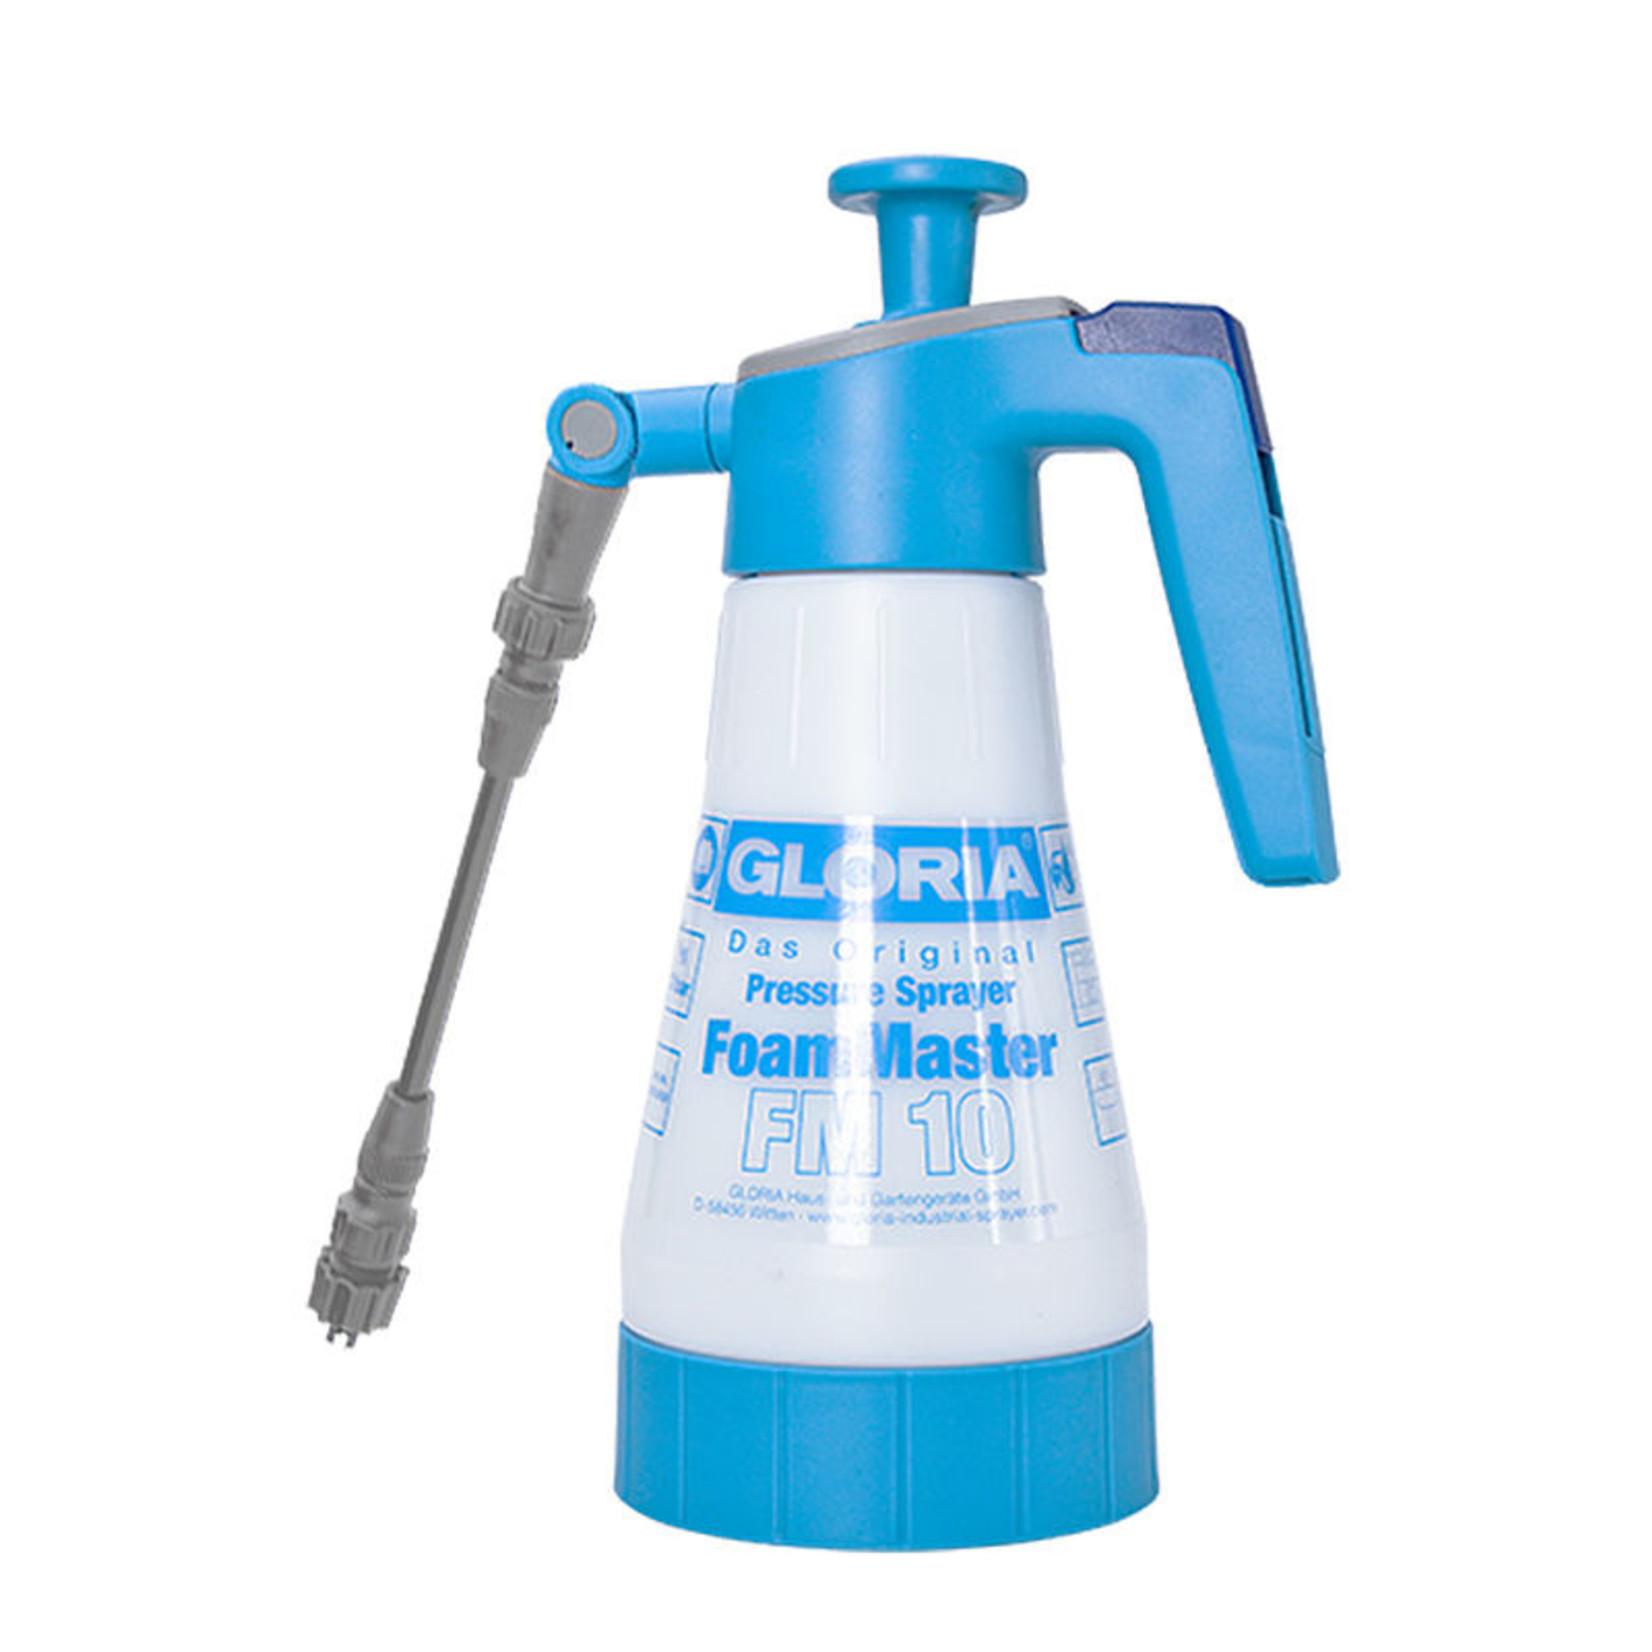 Gloria Reiniging FoamMaster FM10 FLEX Schuim drukspuit (1 liter)